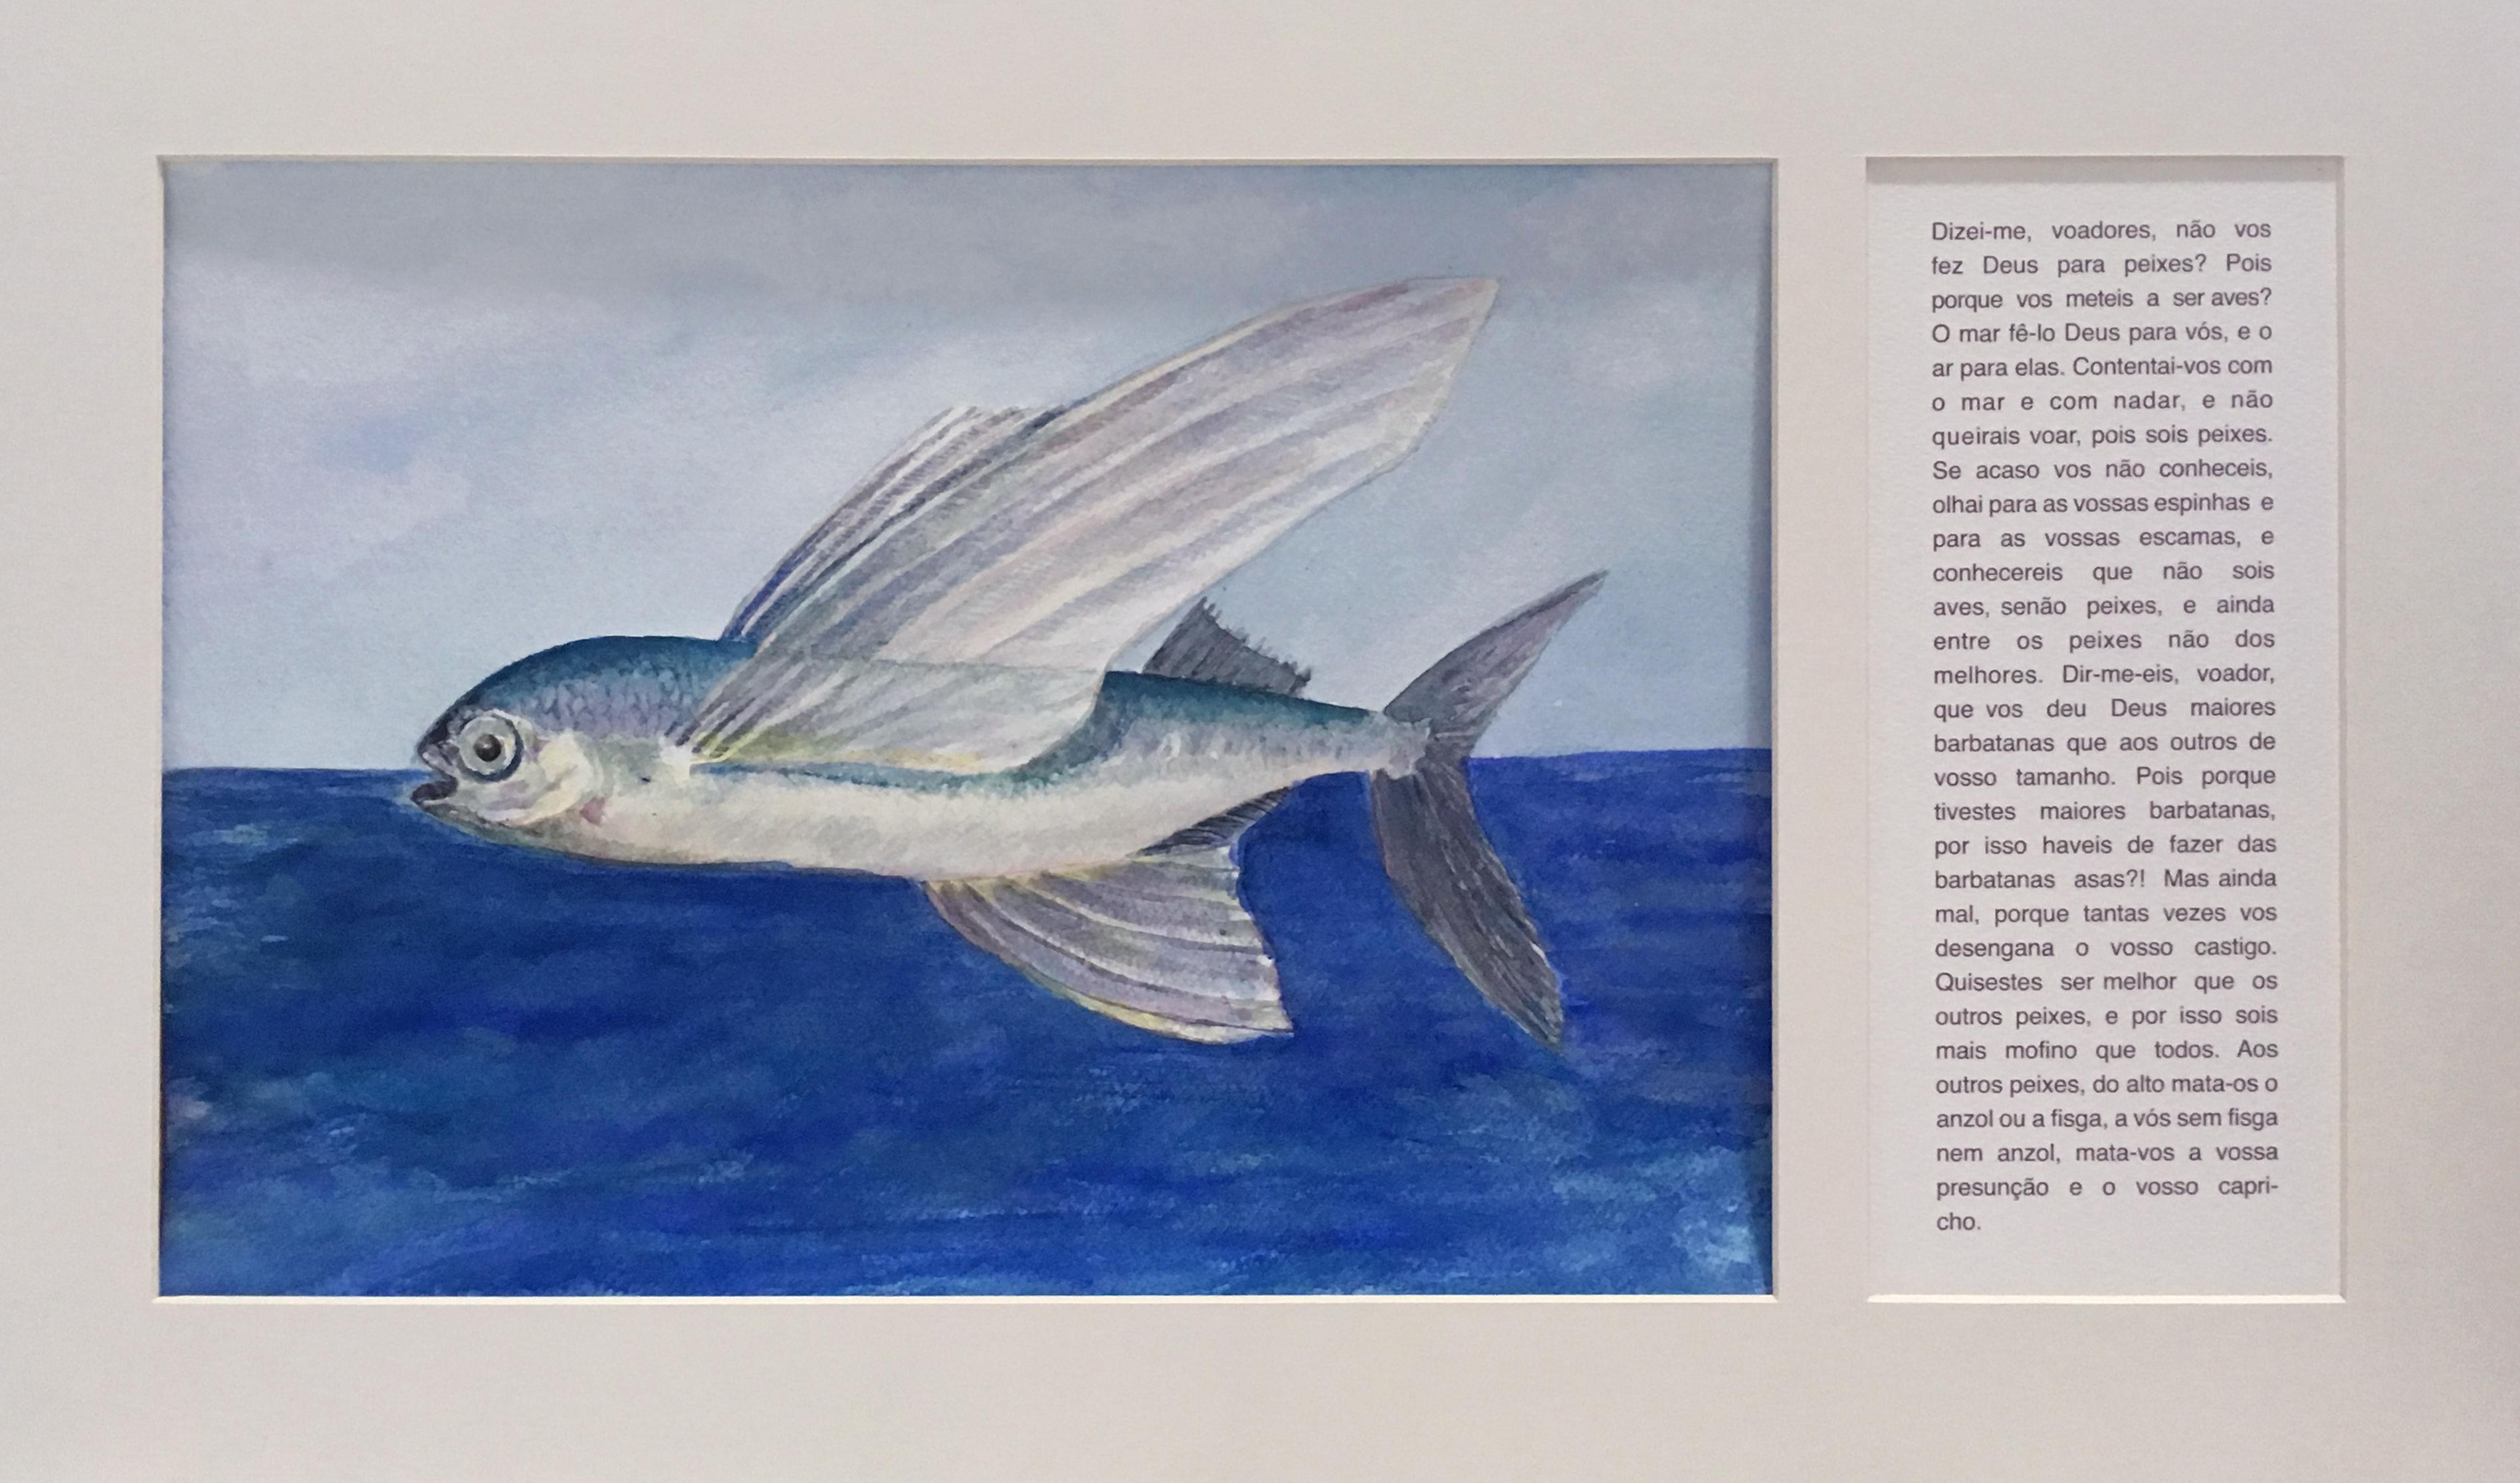 peixe voador (1)